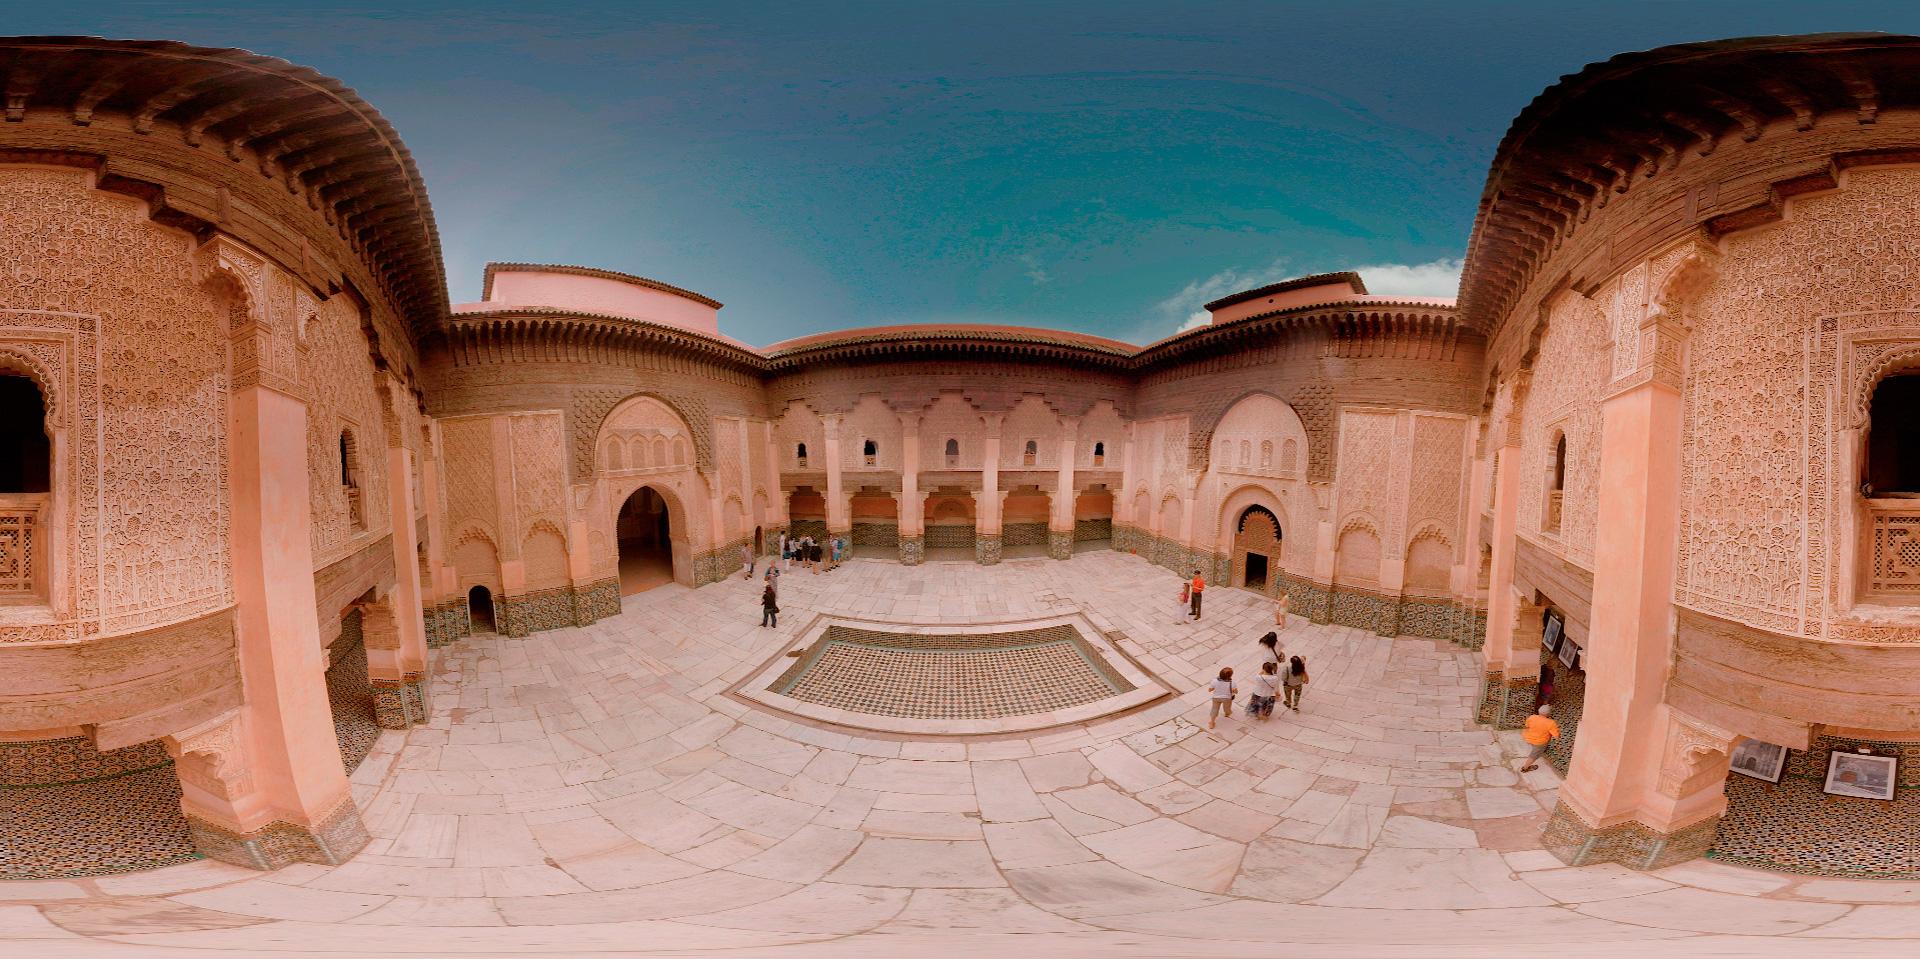 turismo de marruecos marrakech 360 iralta